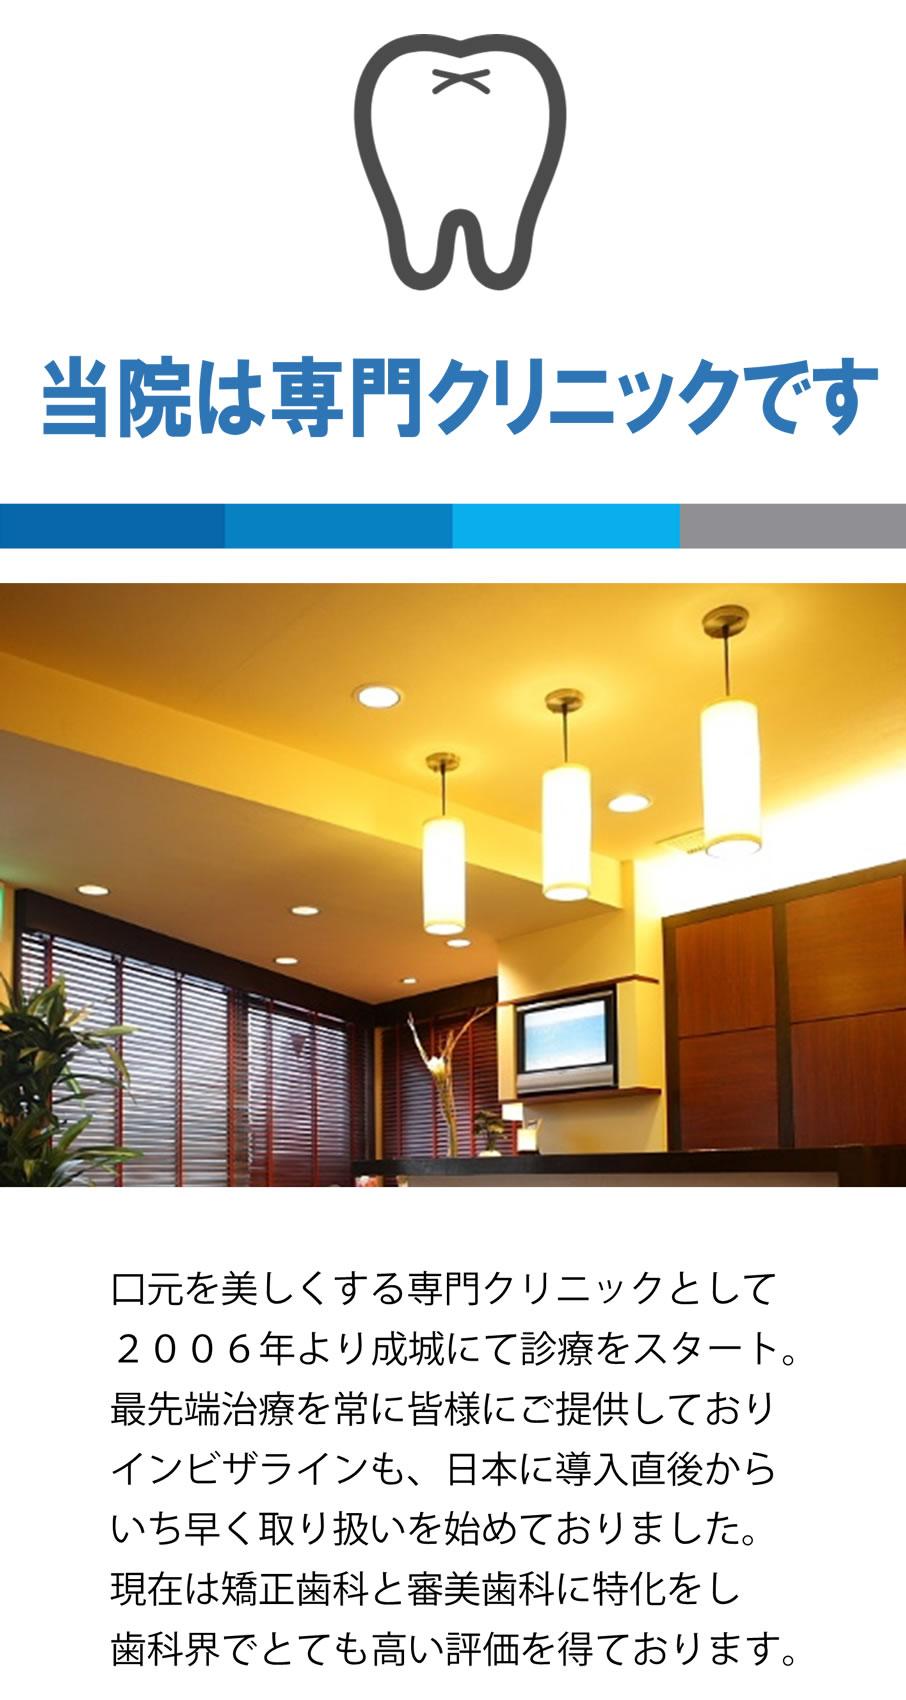 口元を美しくする専門クリニックとして2006年より成城にて診療をスタート。最先端治療を常に皆様にご提供しておりインビザラインも、日本に導入直後からいち早く取り扱いを始めておりました。現在は矯正歯科と審美歯科に特化をし歯科界でとても高い評価を得ております。